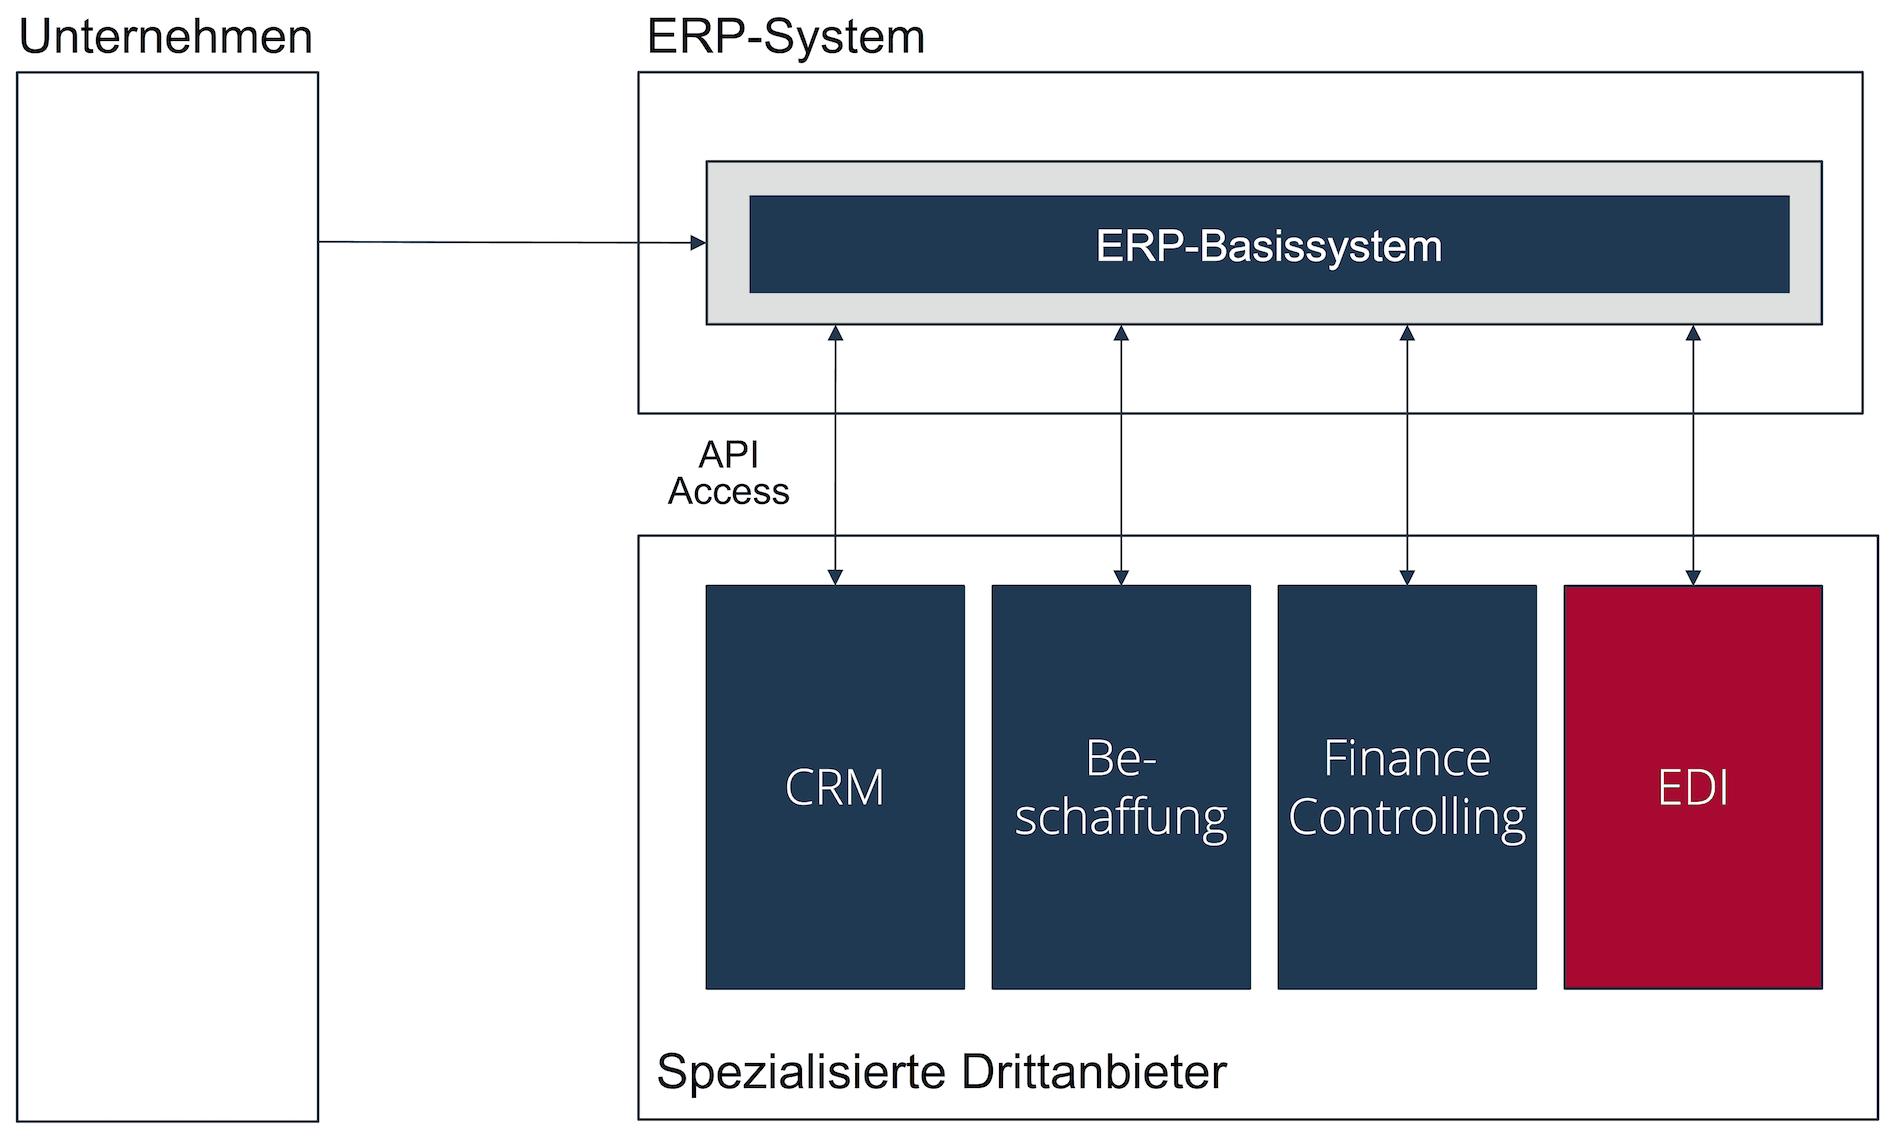 ERP-System der Generation 3 - ERP-Basis mit spezialisierten Services von Drittanbietern